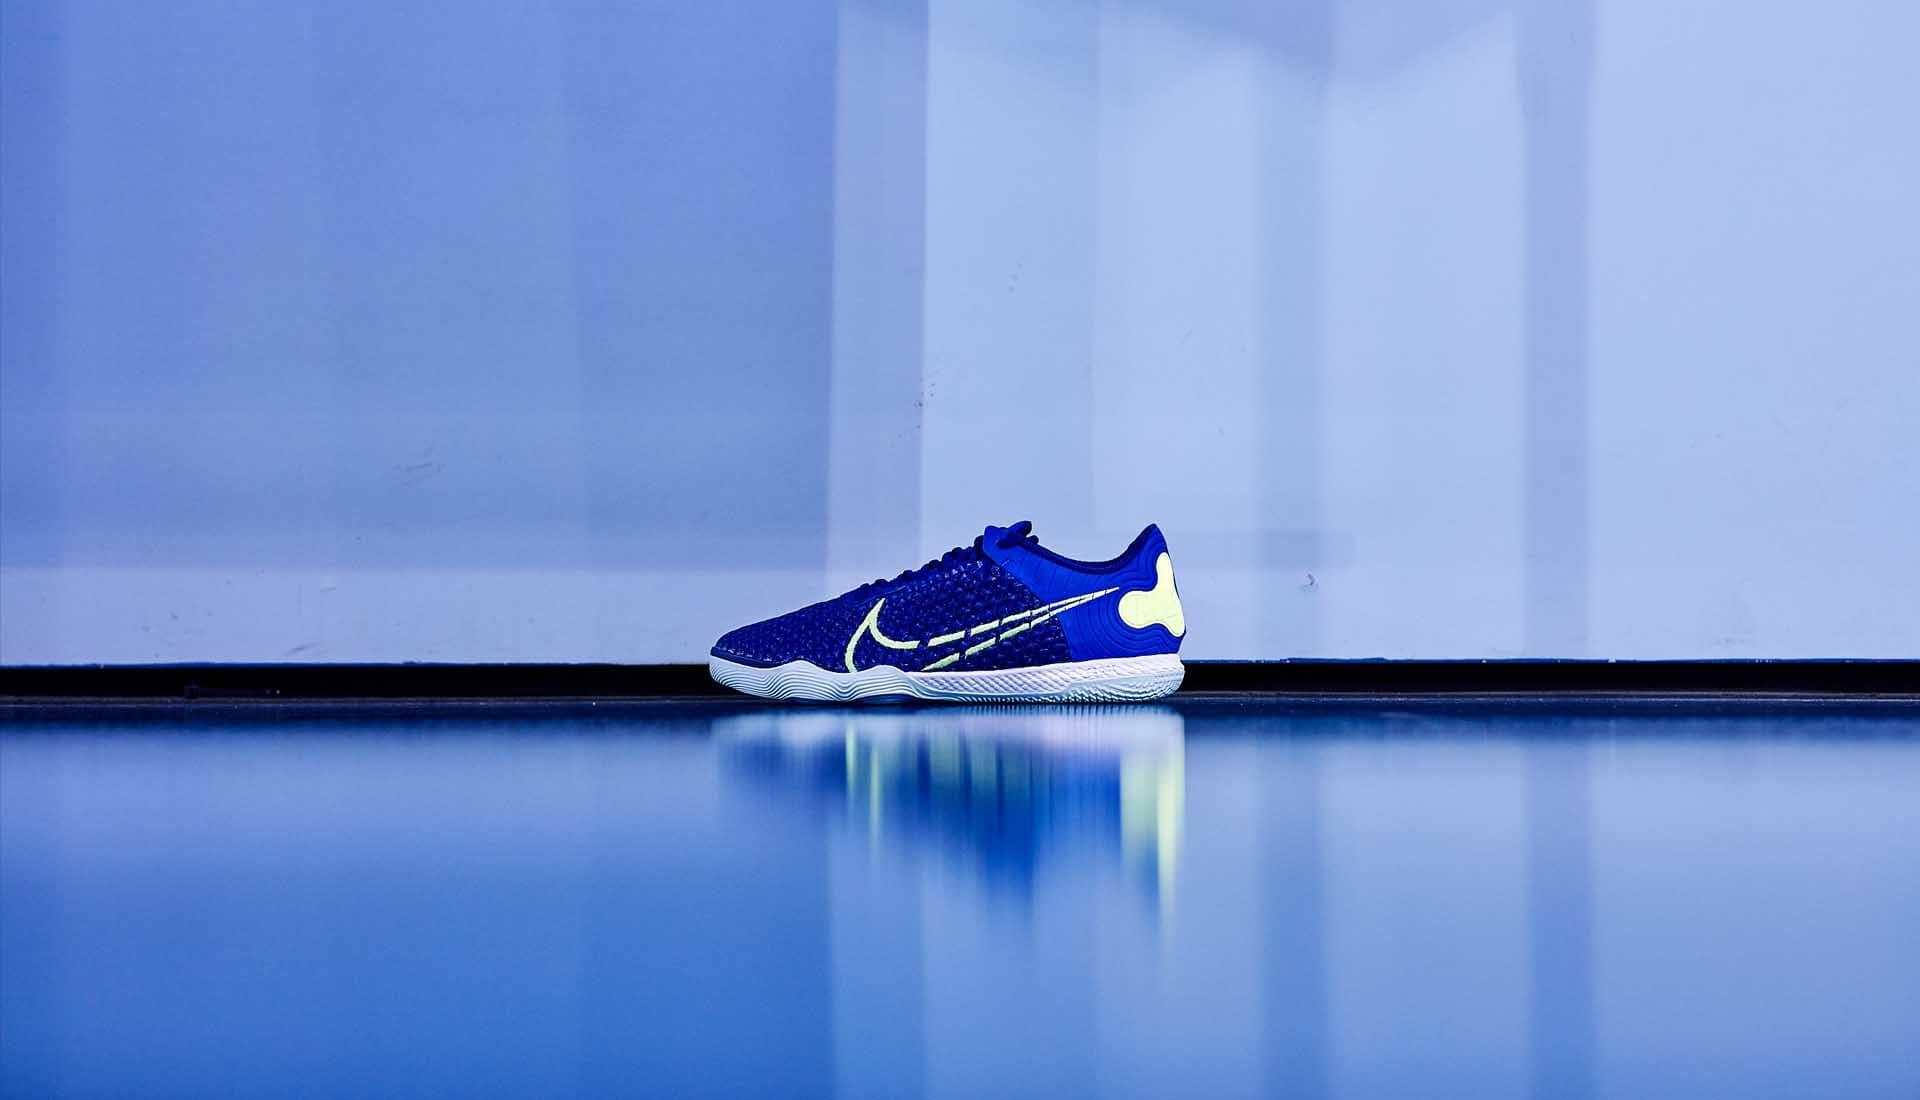 Giày bóng đá Nike React Gato mới được ra mắt với đế giày công nghệ React